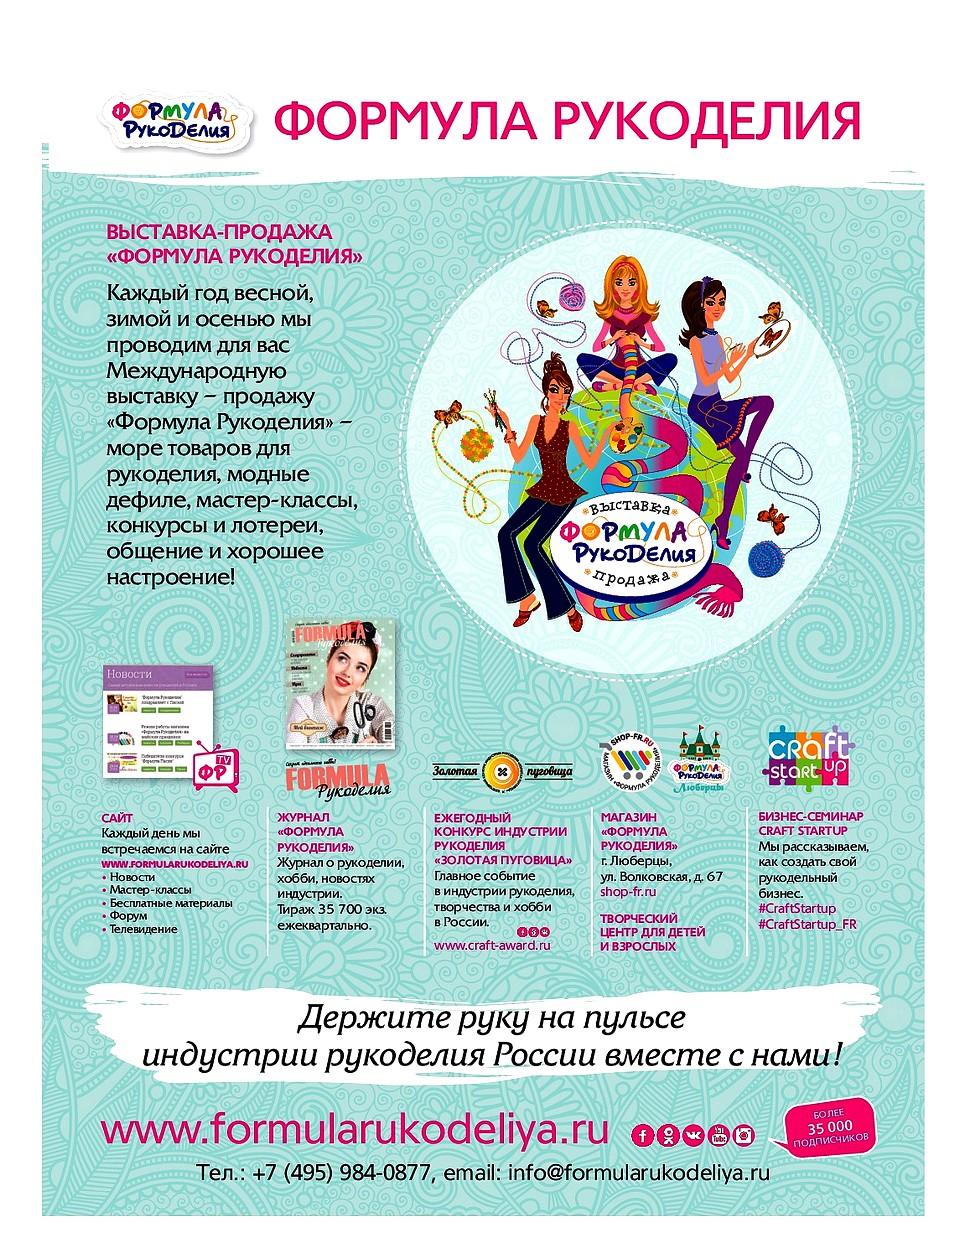 bibliya-vyazaniya-kruchkom-i-spicam-257